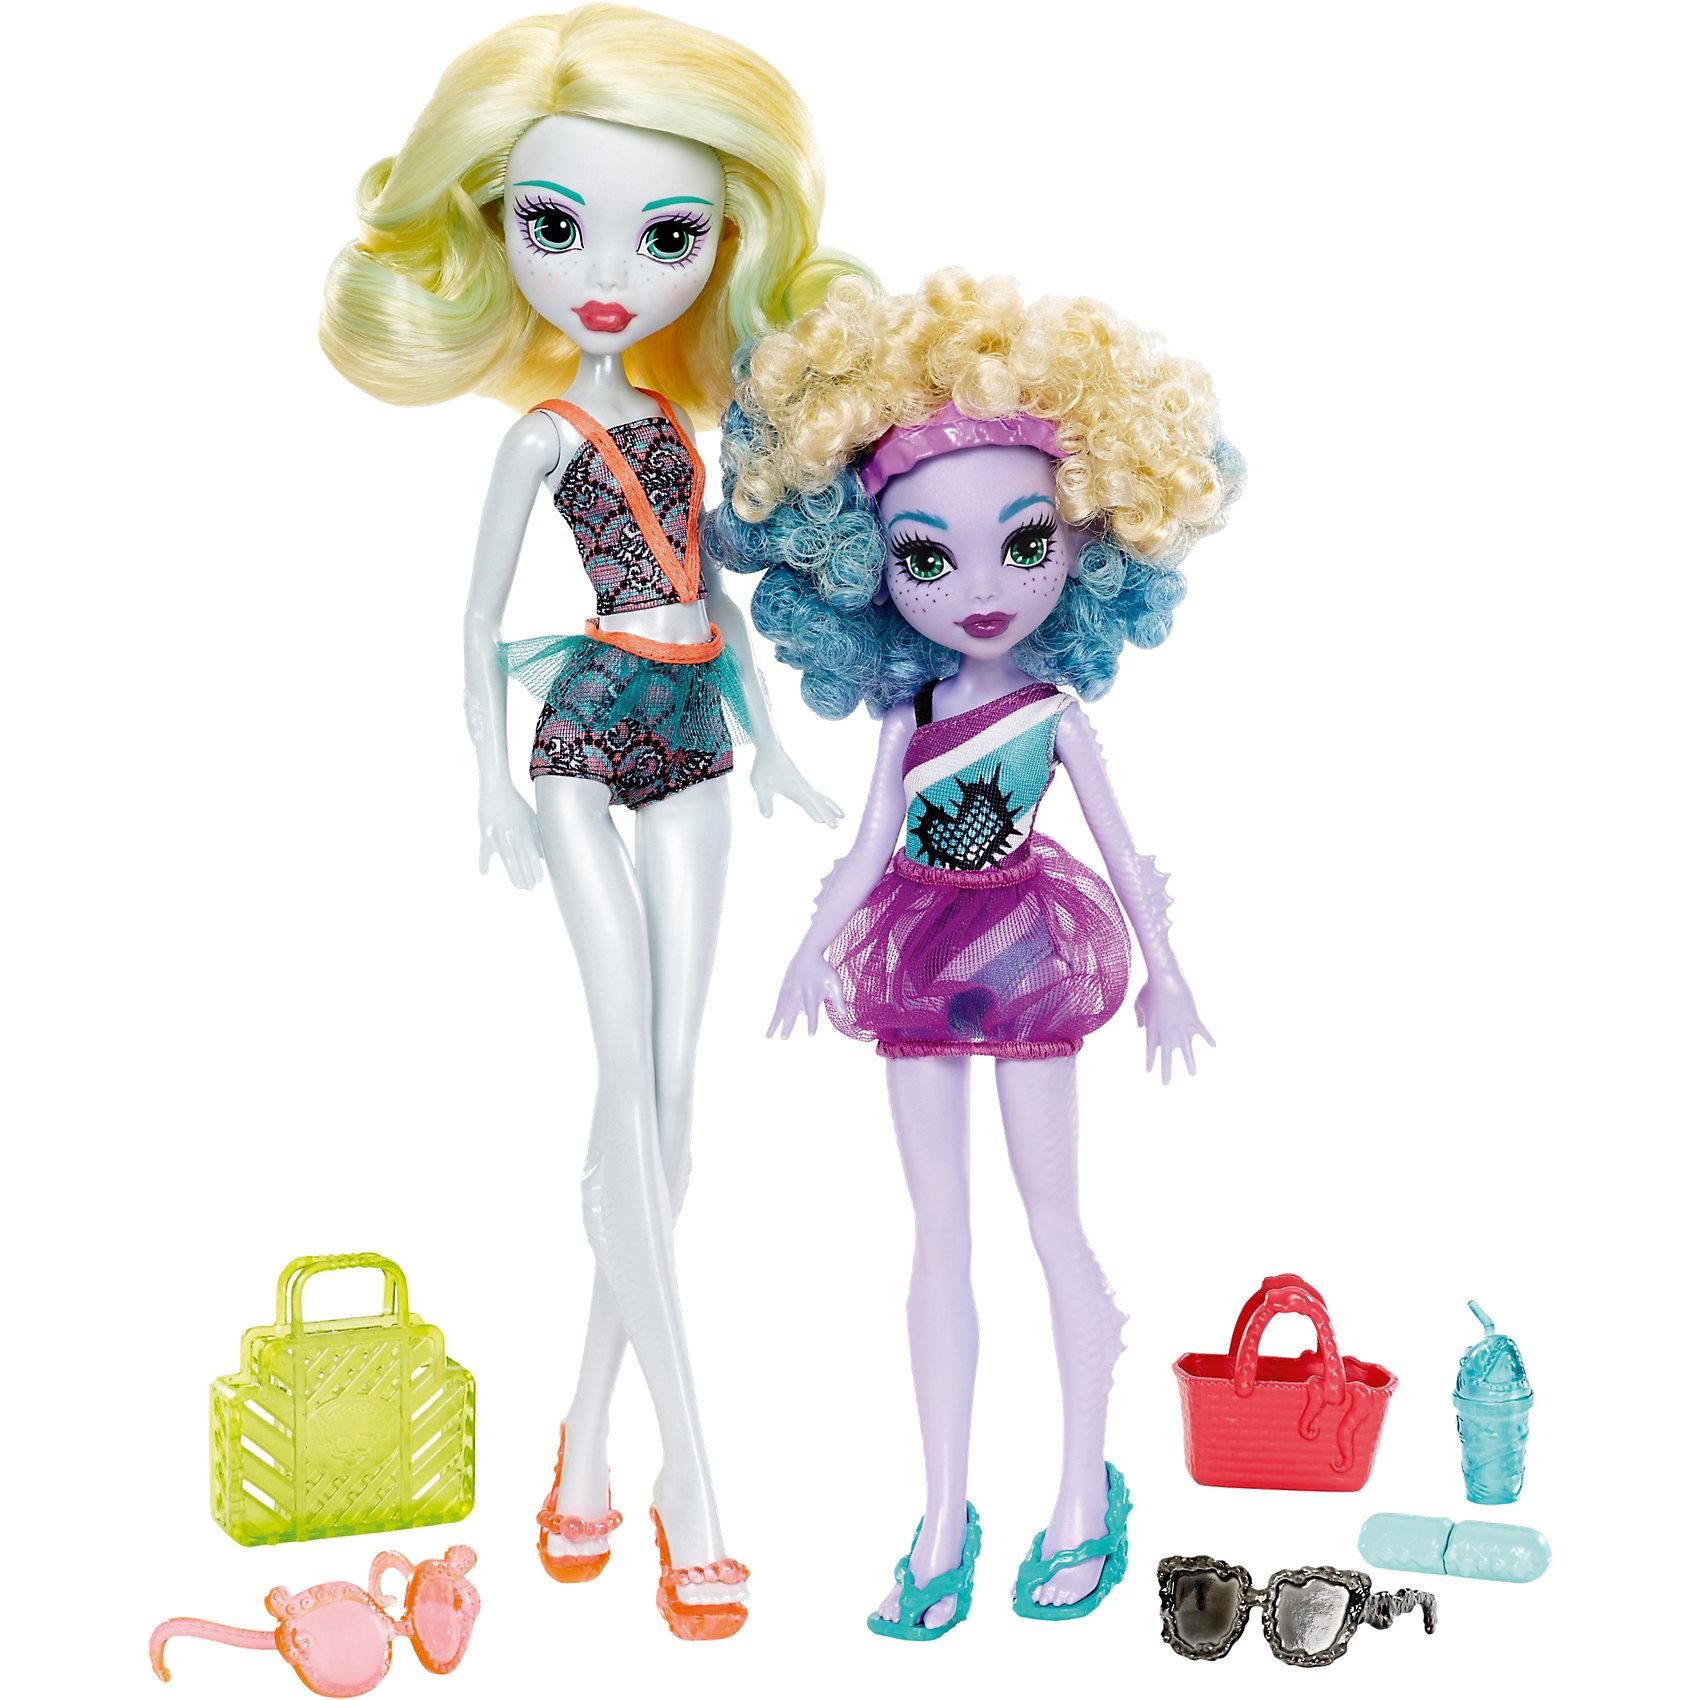 Набор кукол Monster High Лагуна Блю и ее сестра Келпи из серии Семья МонстриковКуклы-модели<br><br><br>Ширина мм: 205<br>Глубина мм: 65<br>Высота мм: 325<br>Вес г: 627<br>Возраст от месяцев: 72<br>Возраст до месяцев: 120<br>Пол: Женский<br>Возраст: Детский<br>SKU: 6739689